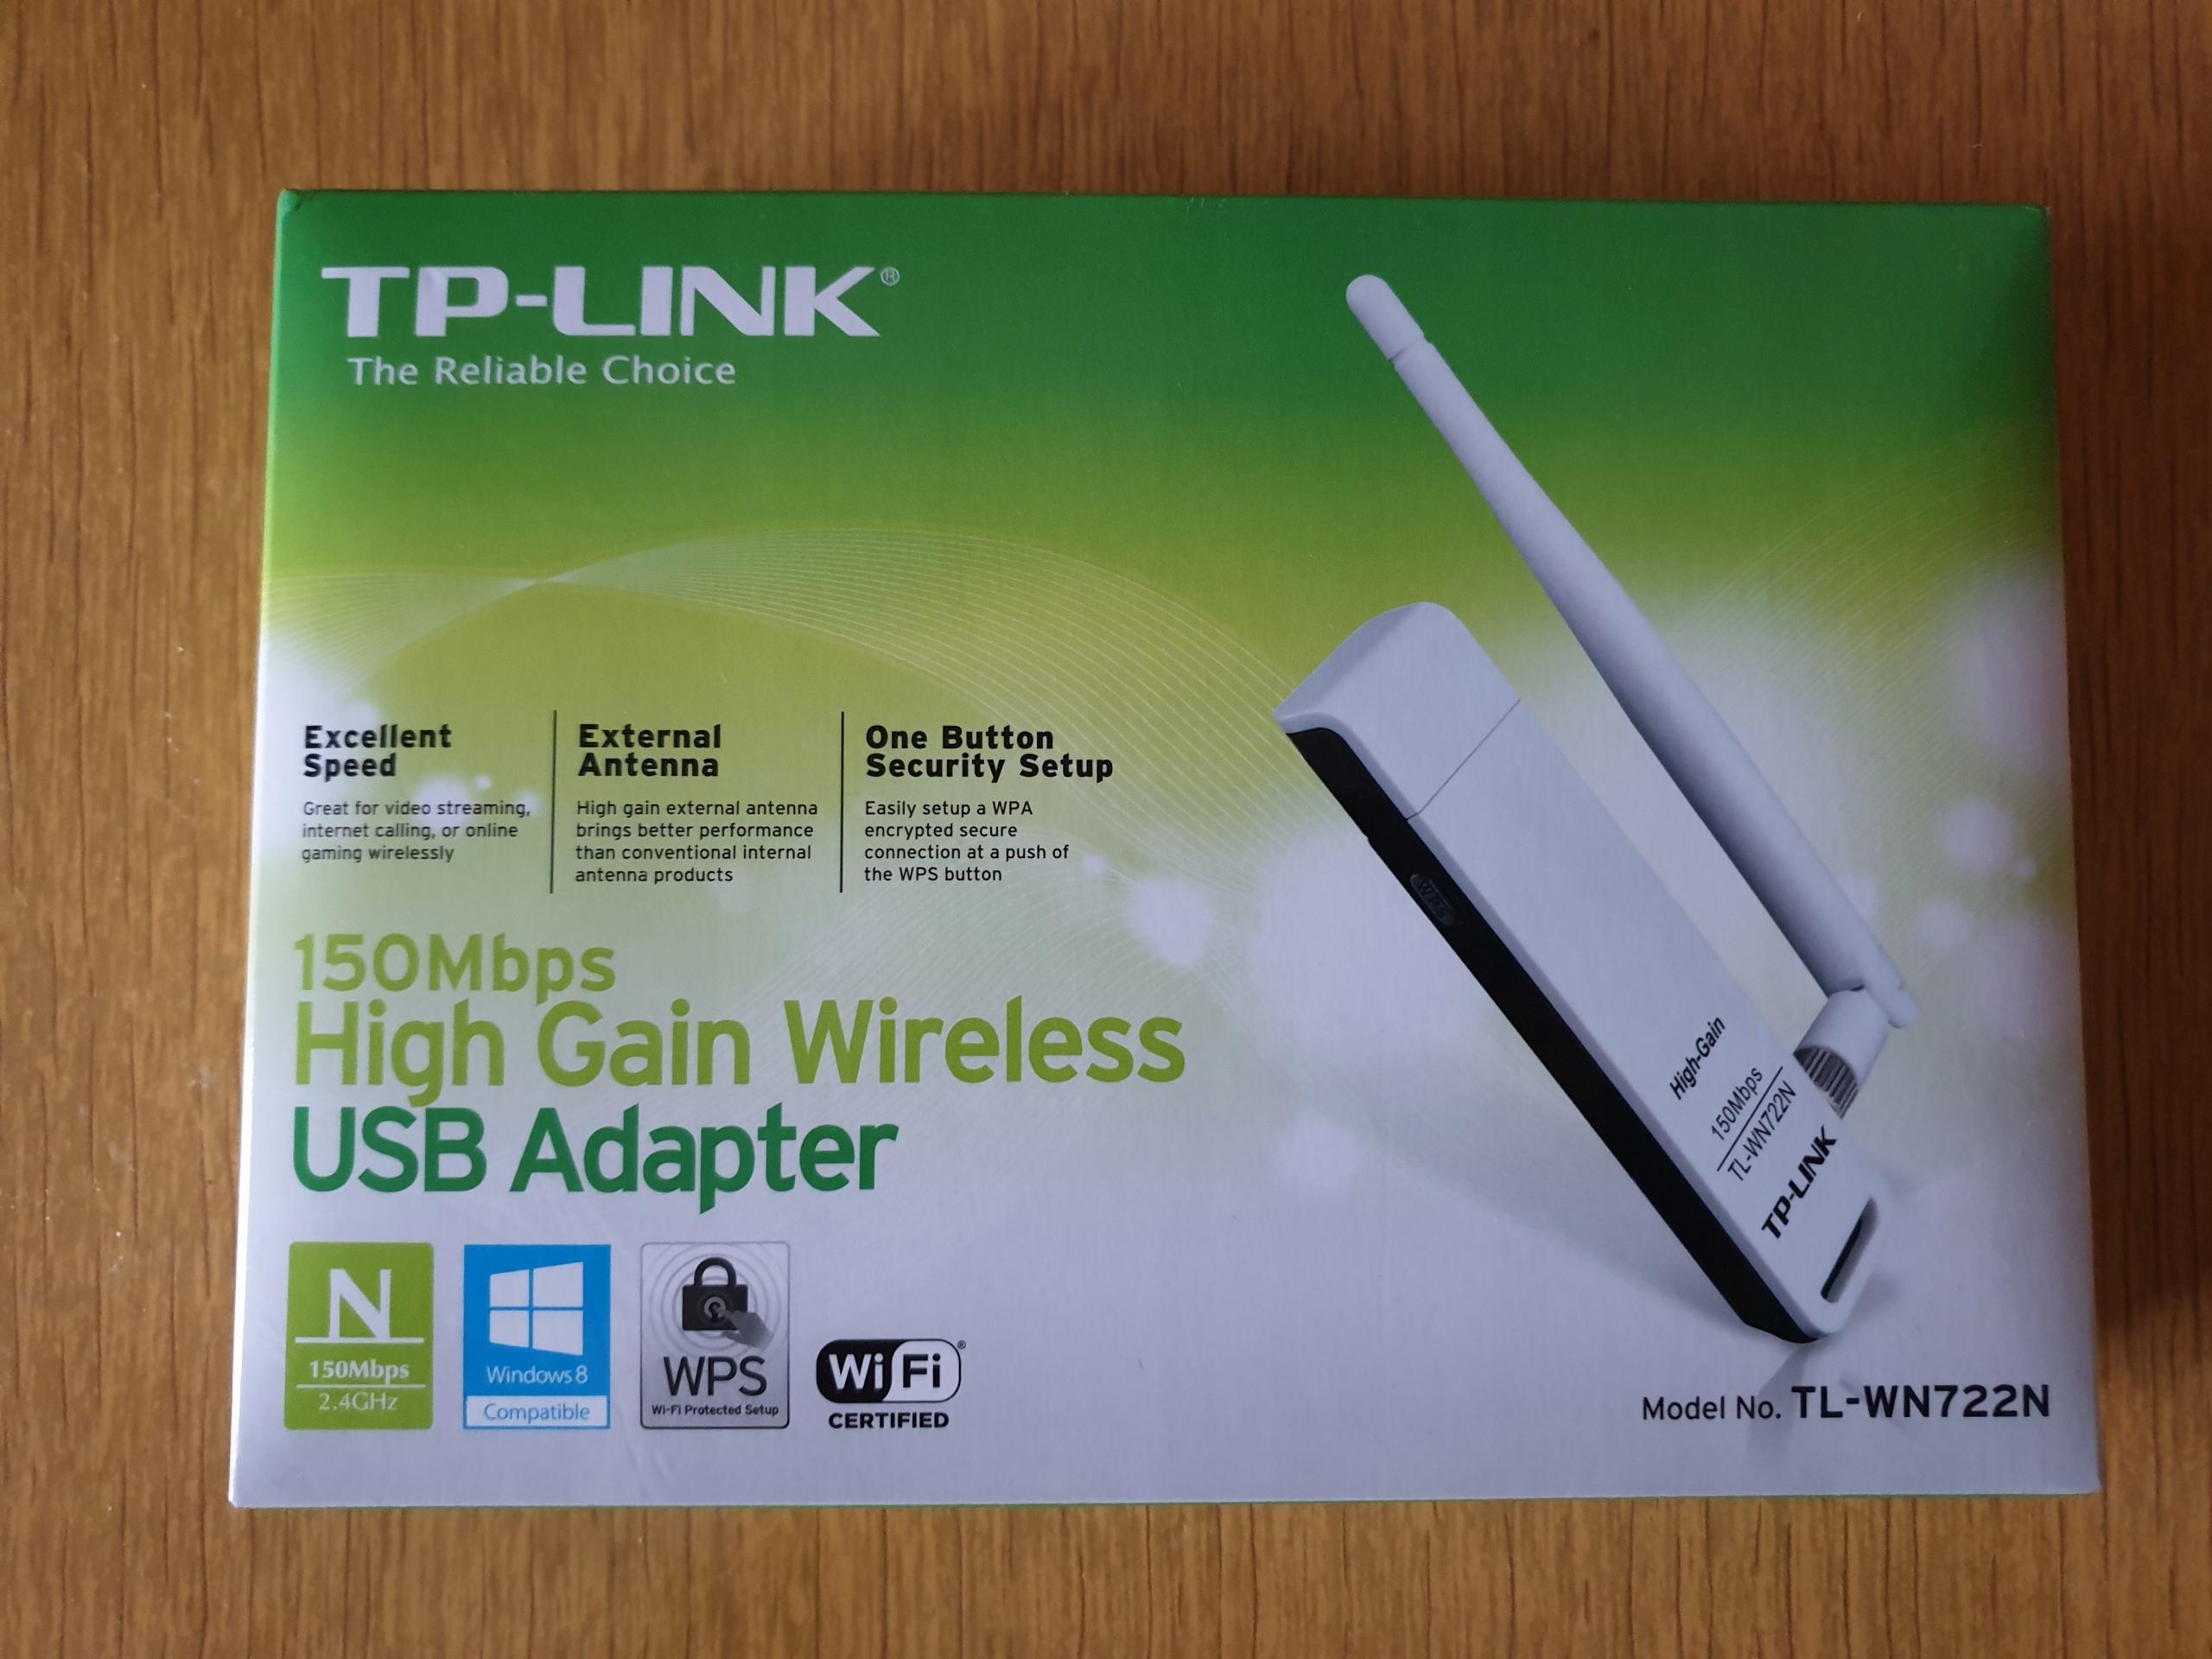 Atheros TP-LINK TL-WN722N v1 10 [KALI LINUX] - 7731453263